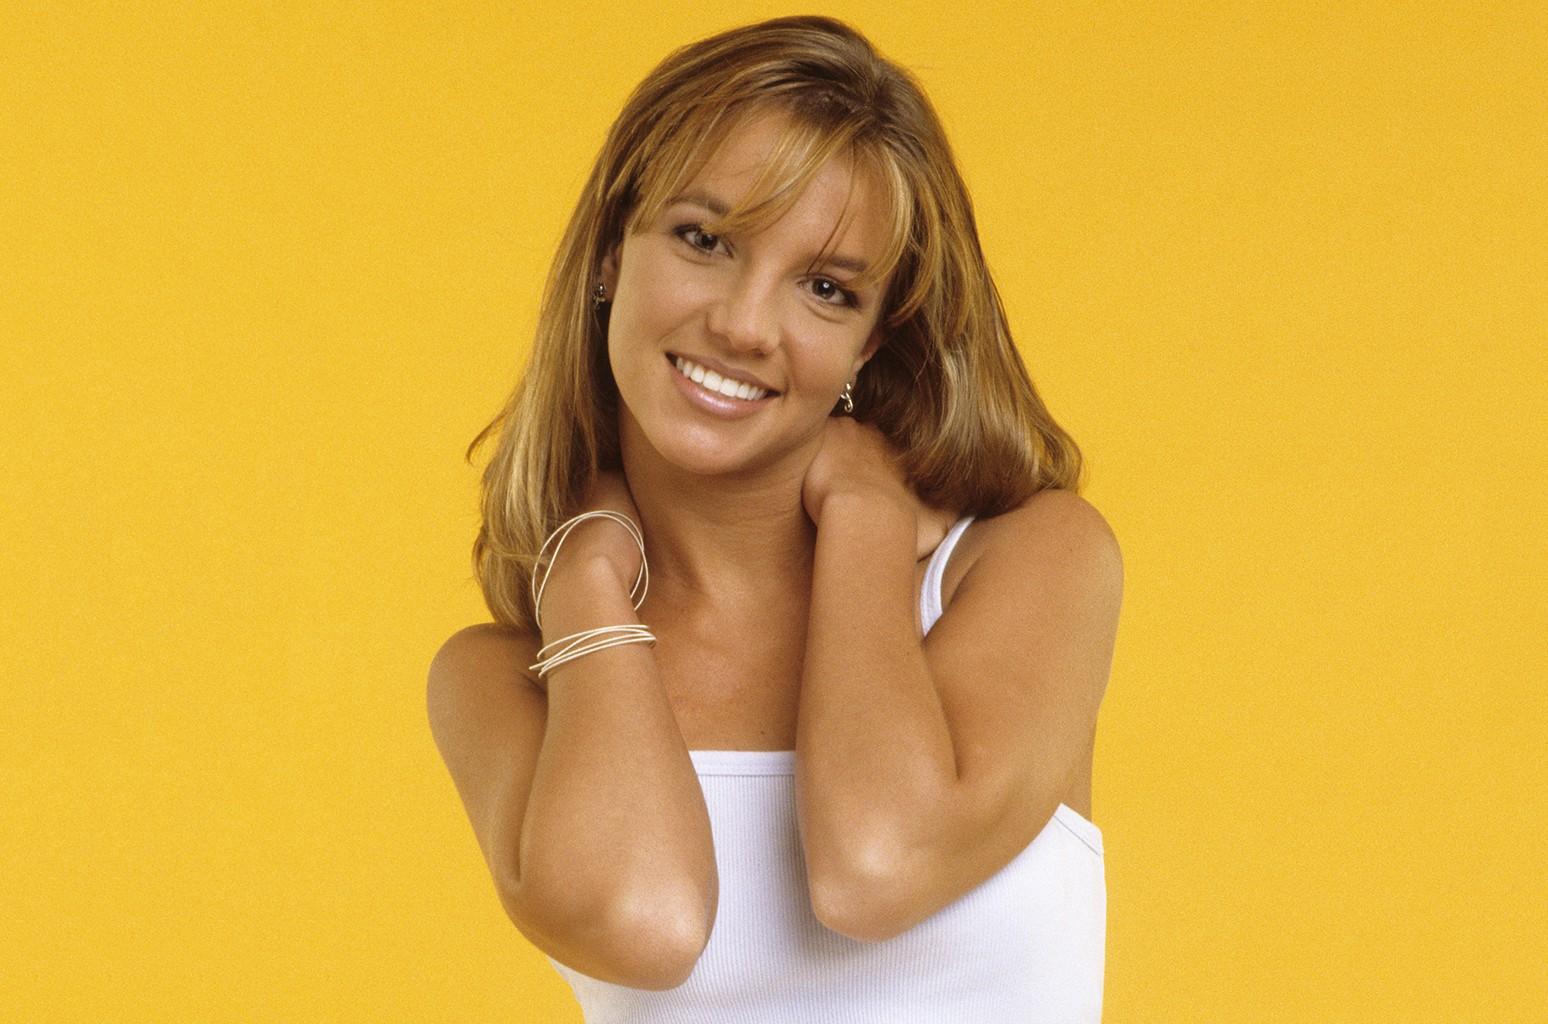 Trải qua gần 30 năm, đây là 5 nữ nghệ sĩ bán album chạy nhất tại Mỹ mà bạn không thể không biết tới - Ảnh 2.